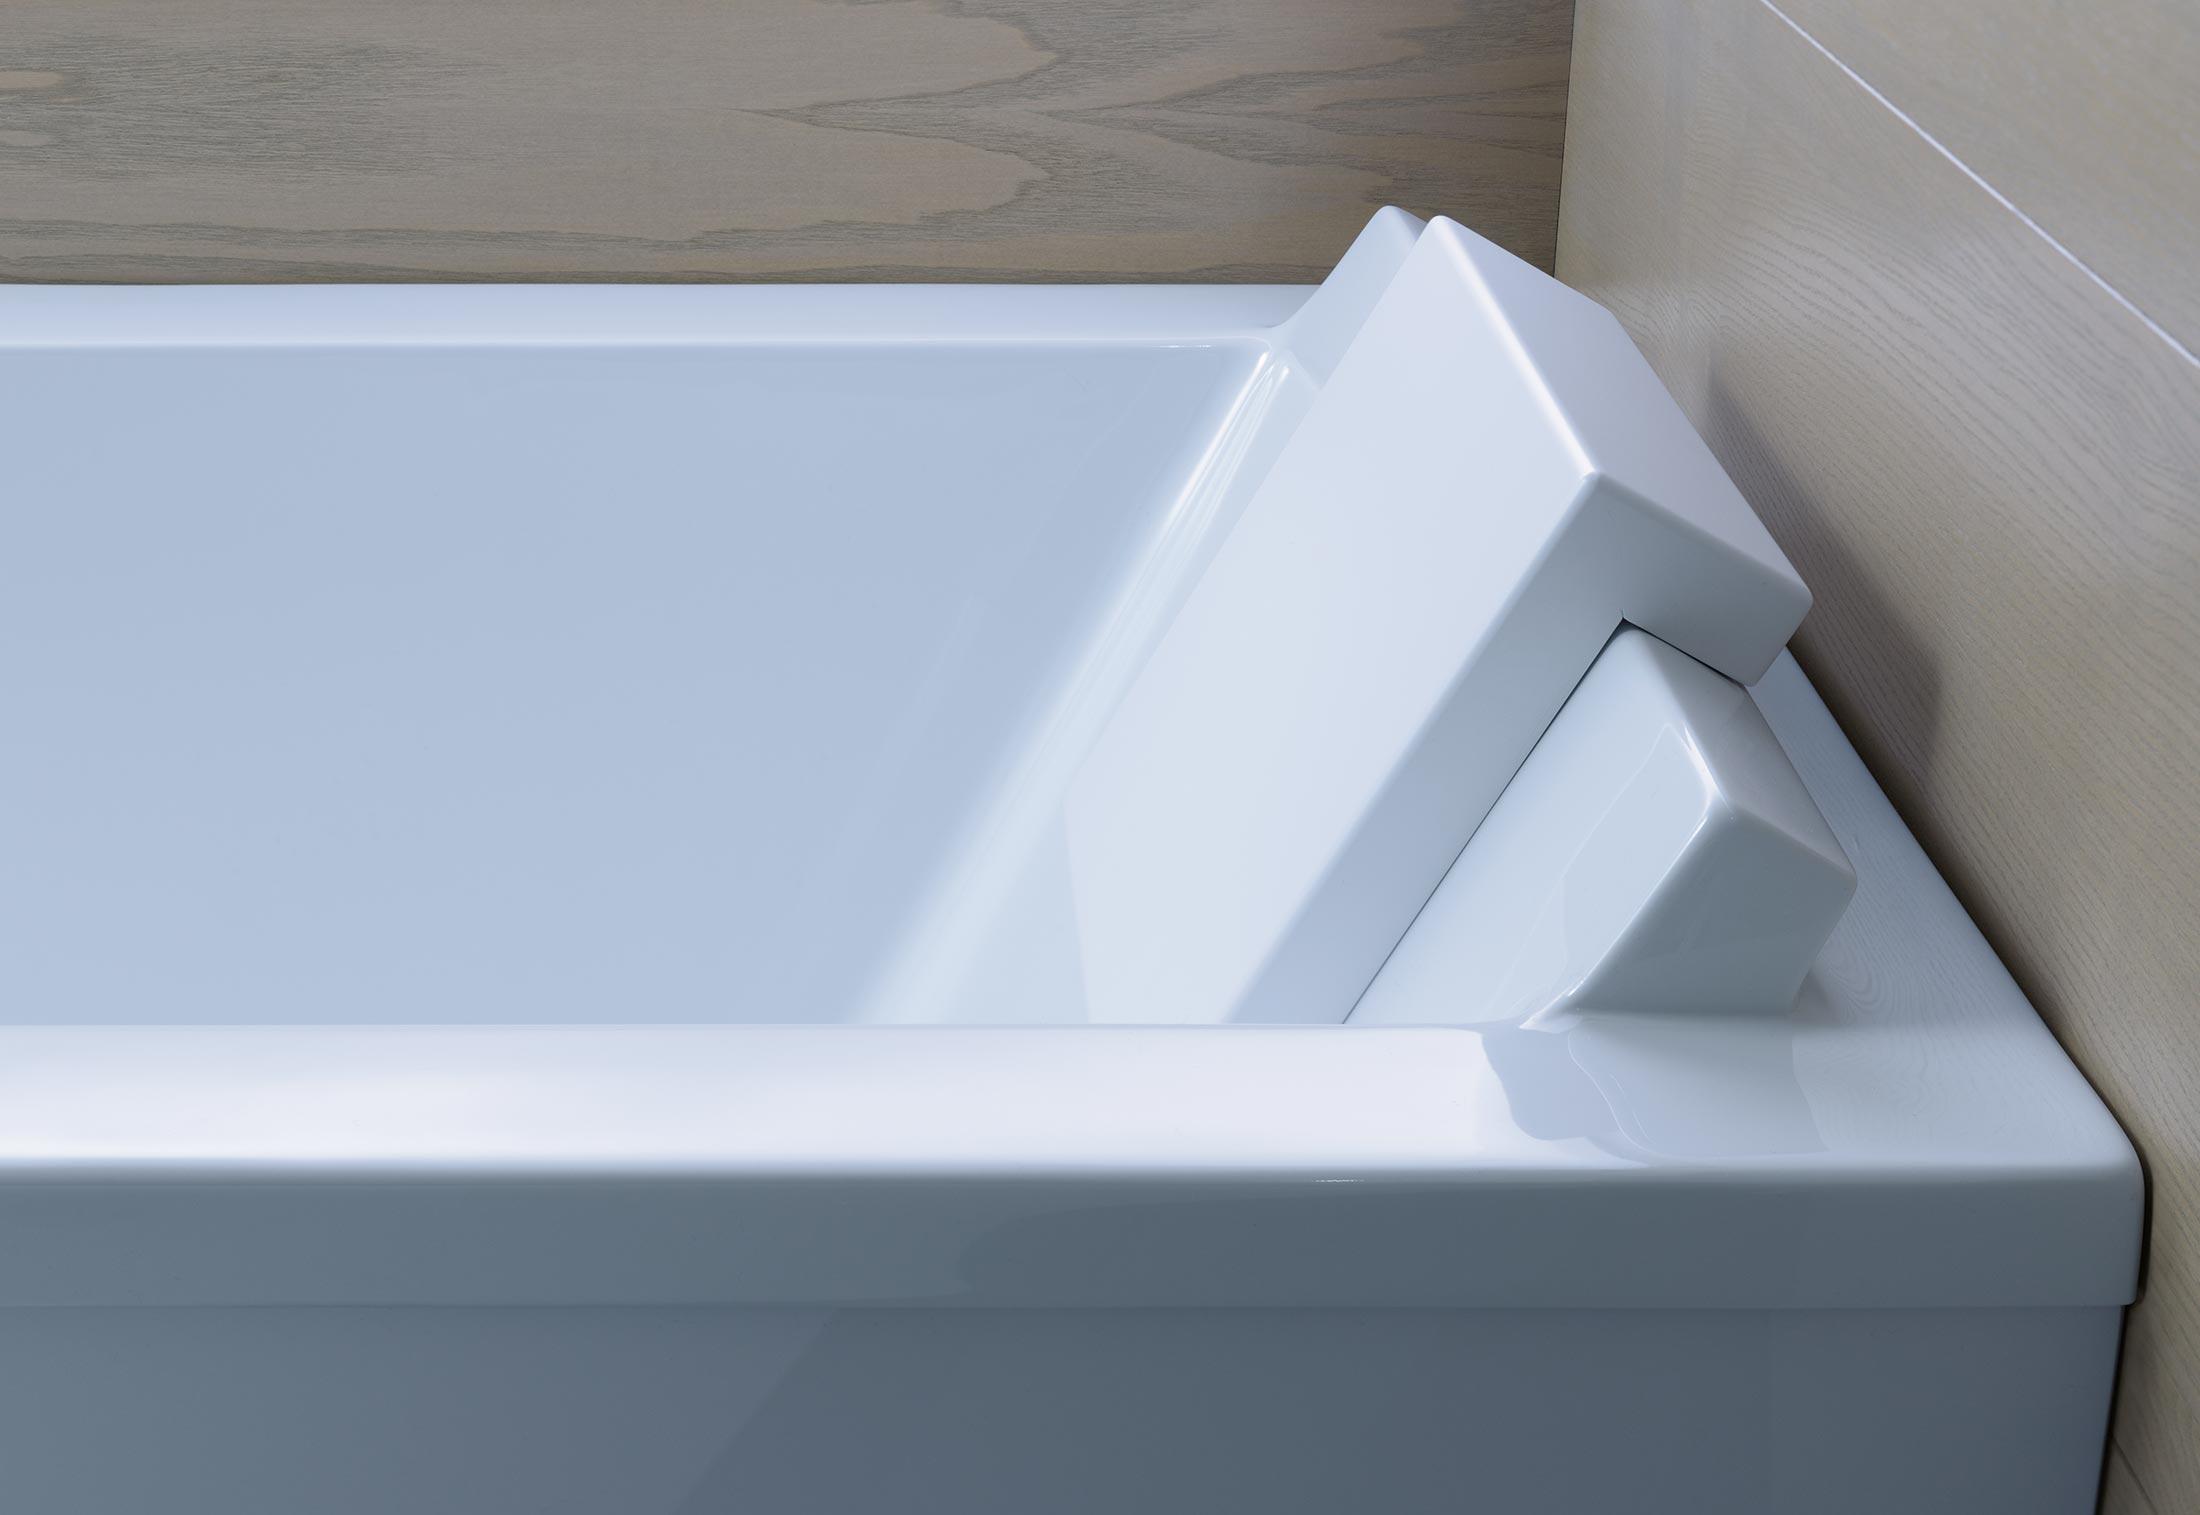 Starck 3 bathtub by Duravit | STYLEPARK